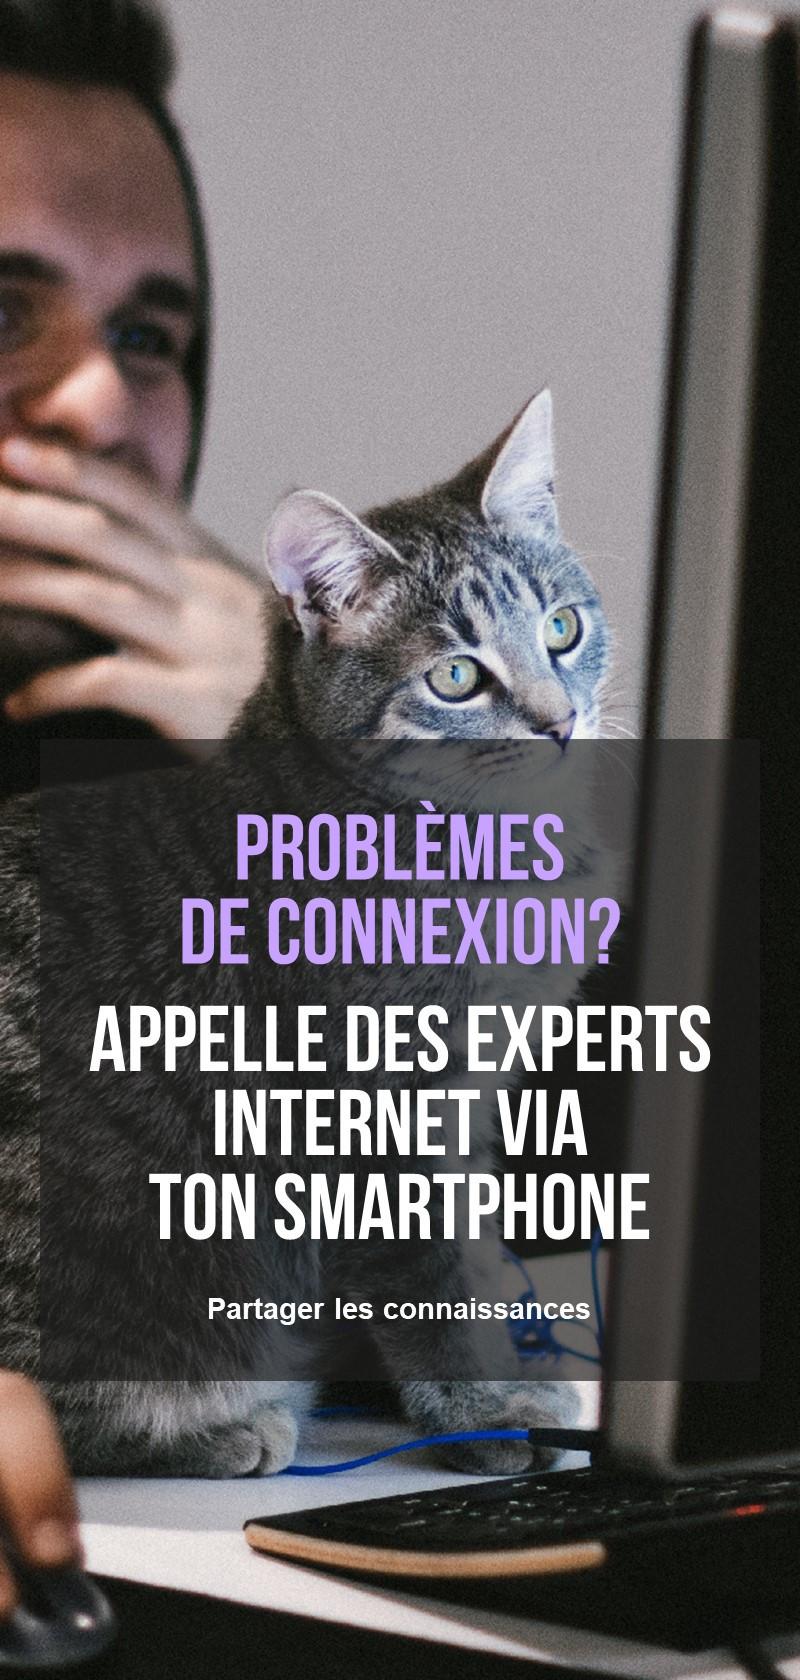 Des experts Internet pour t'aider